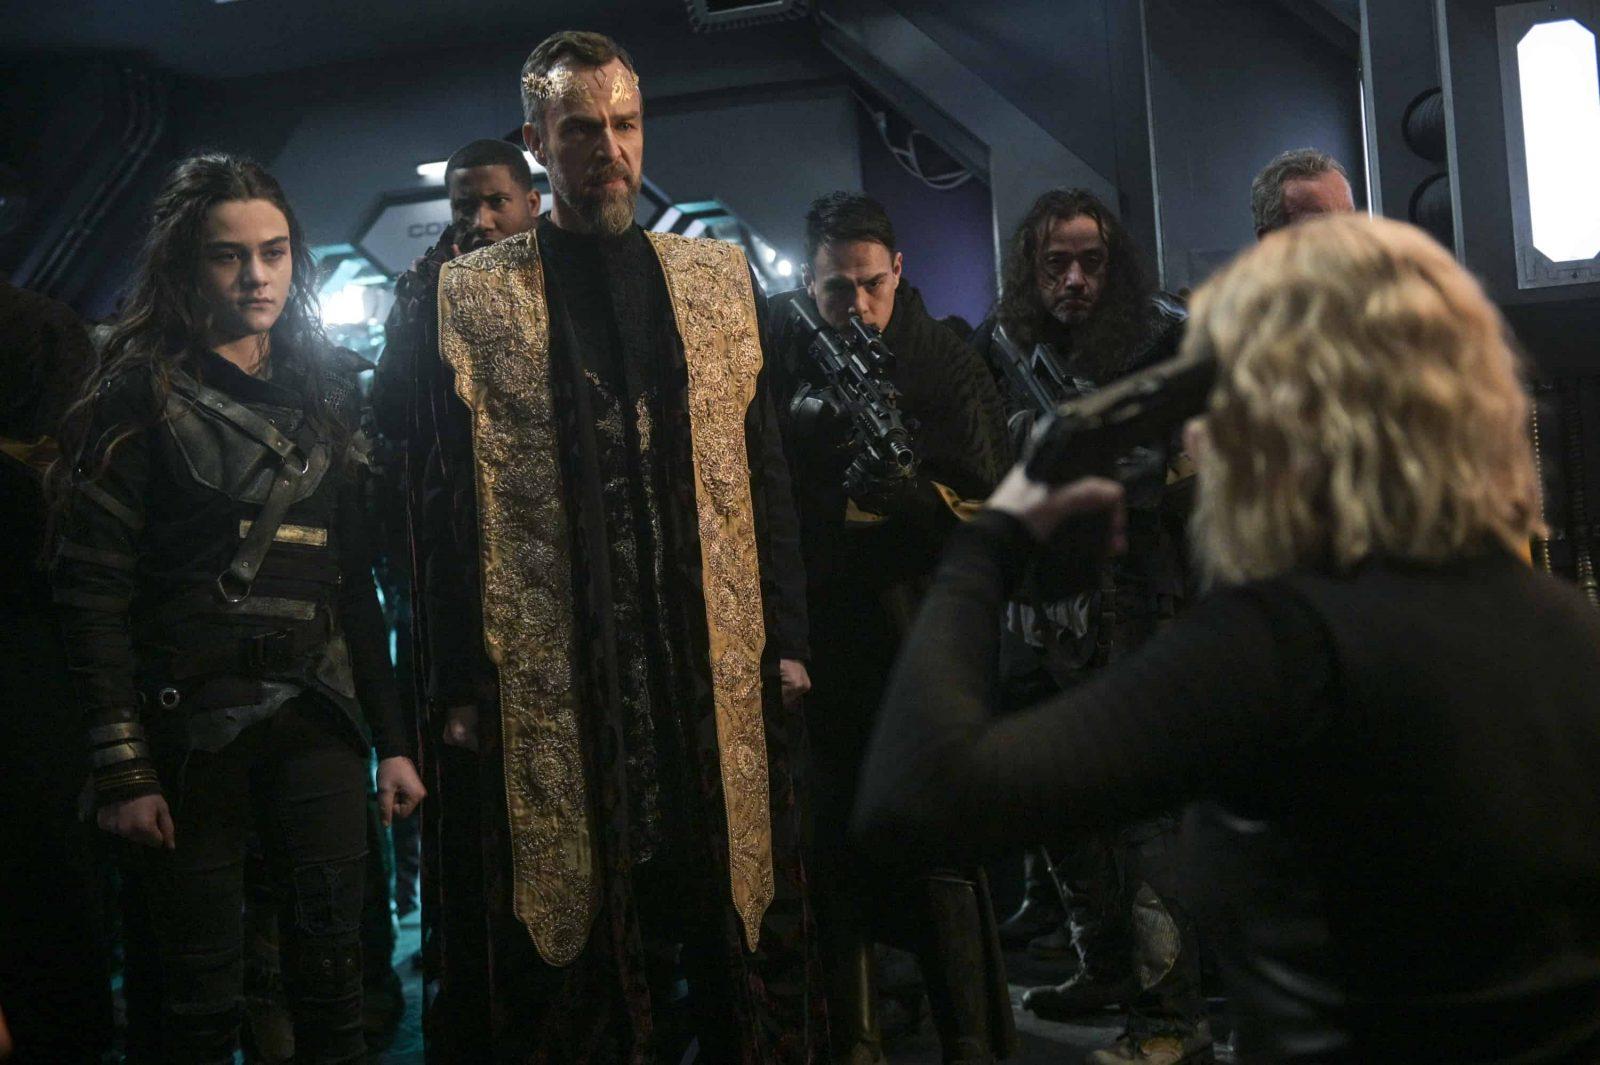 JR Bourne como Russell VII y Eliza Taylor como Clarke Griffin en The 100 Temporada 6 Episodio 13